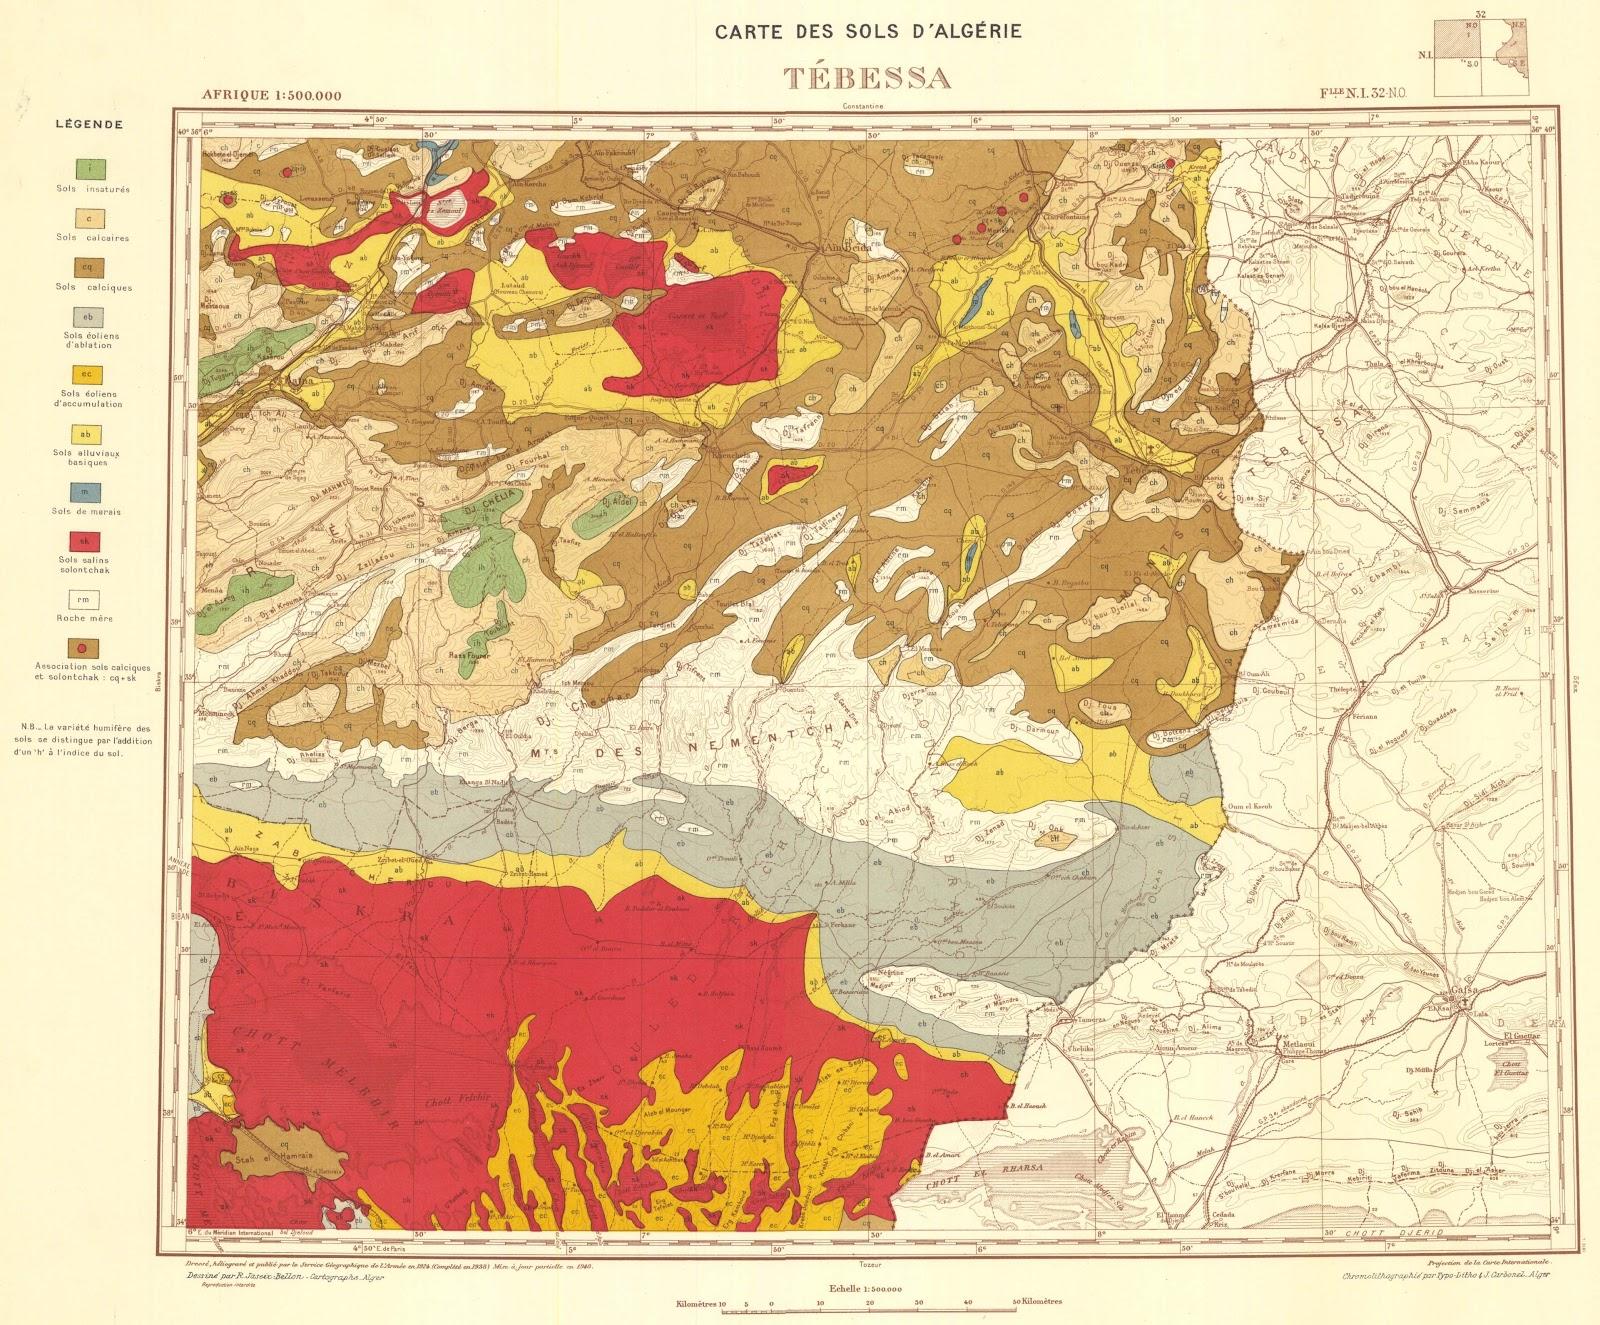 LEst Algrien parle Cartes des sols de Tebessa de 1938